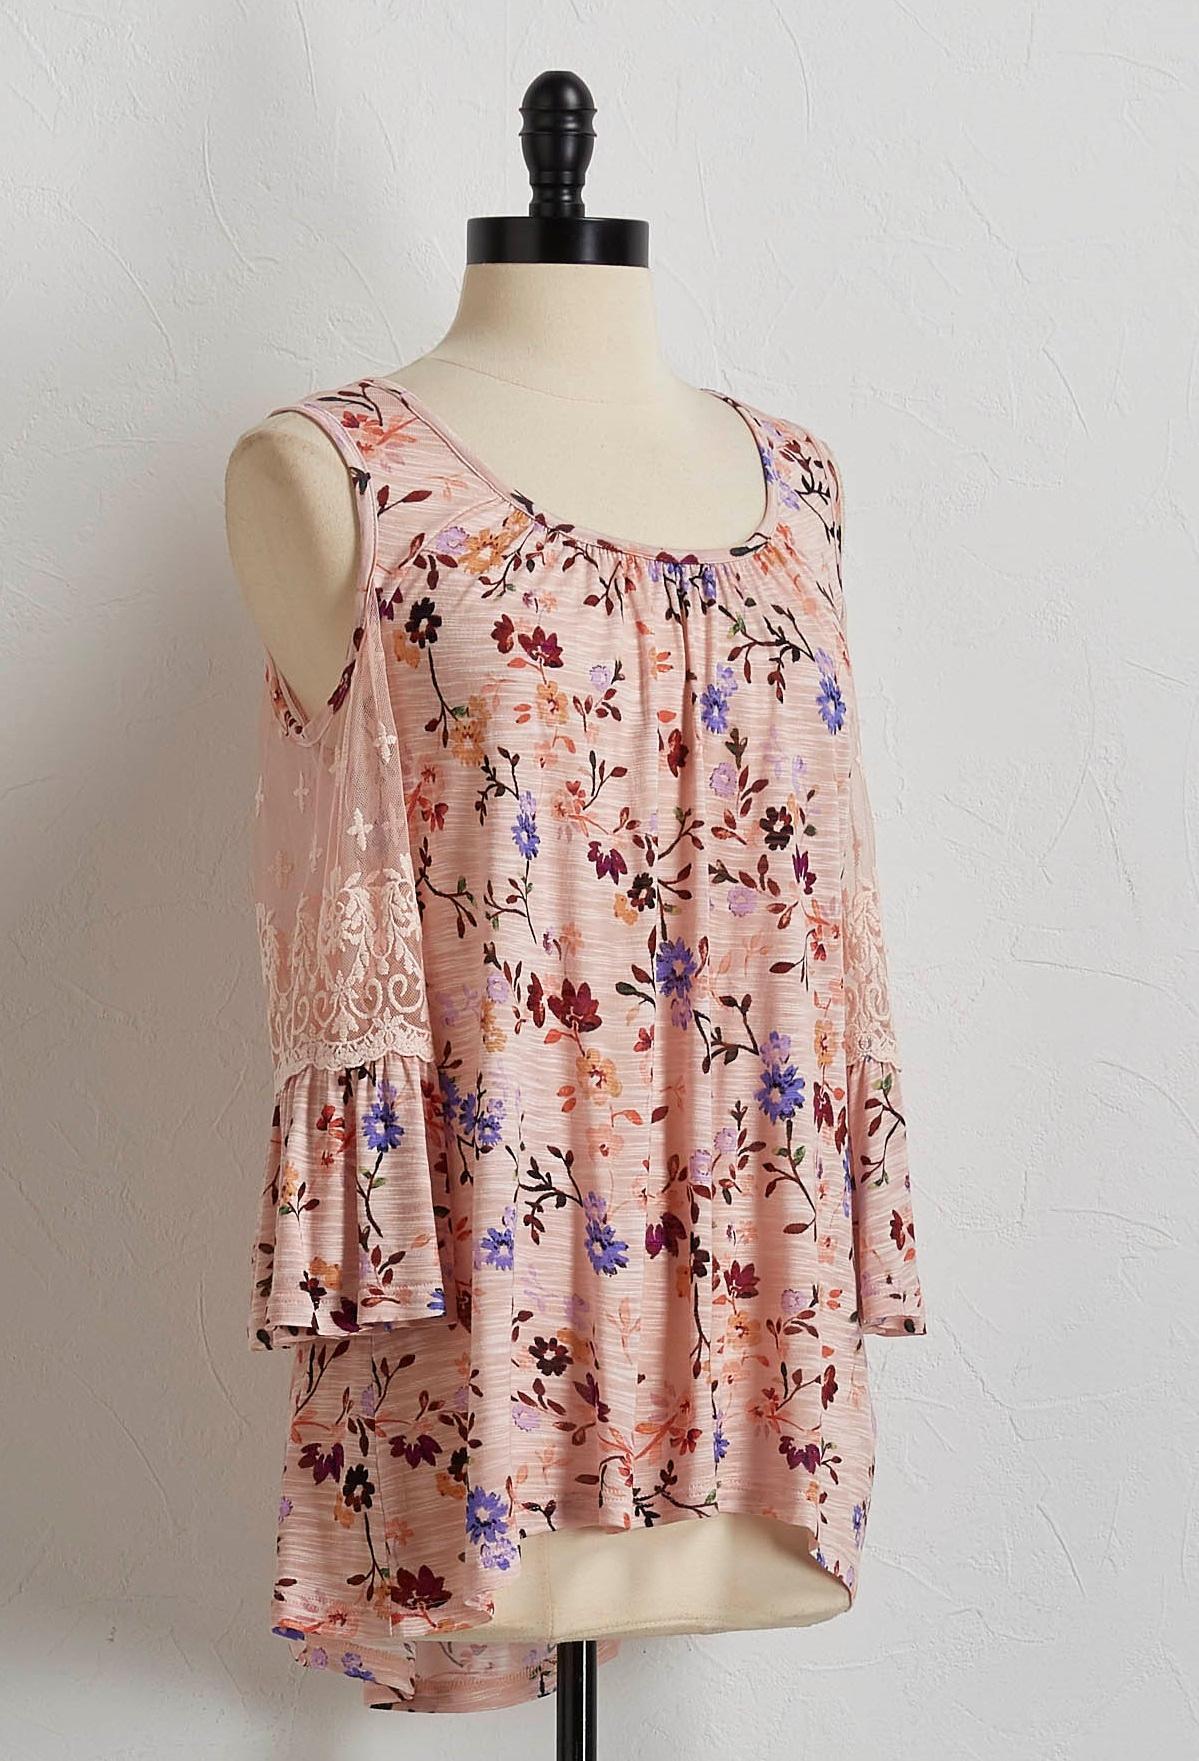 Blush Floral Bare Shoulder Top